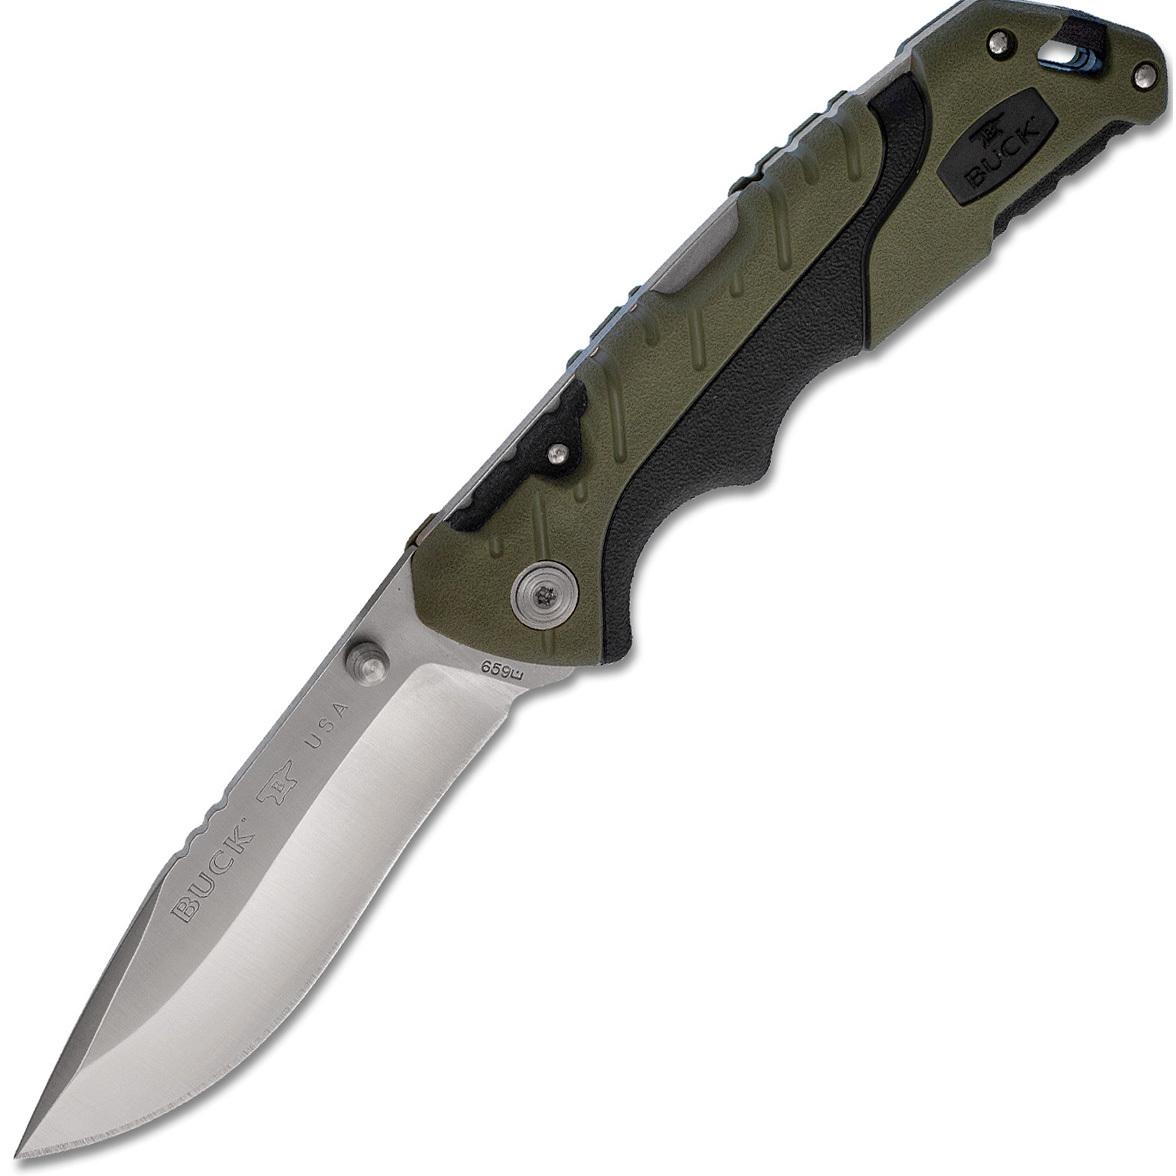 Складной нож Buck Pursuit Large 0659GRS, сталь 420HC, рукоять пластик